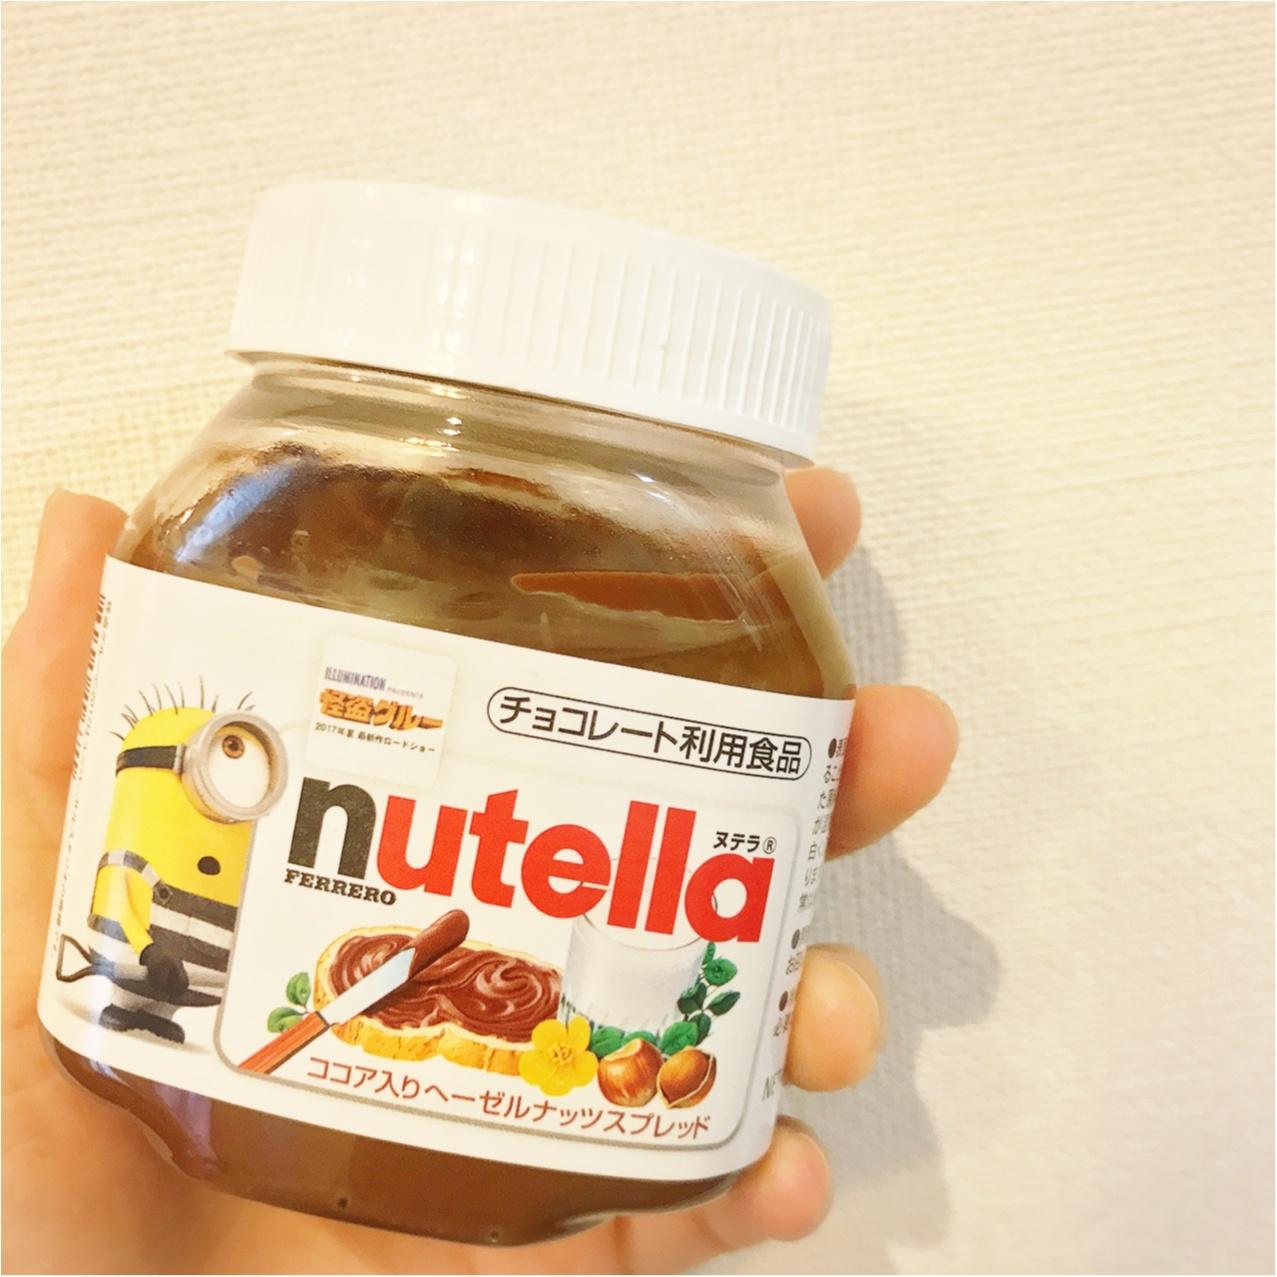 ヨーロッパの朝食の定番!【nutella(ヌテラ)】から《怪盗グルーのミニオン大脱走》限定パッケージが登場♡_1